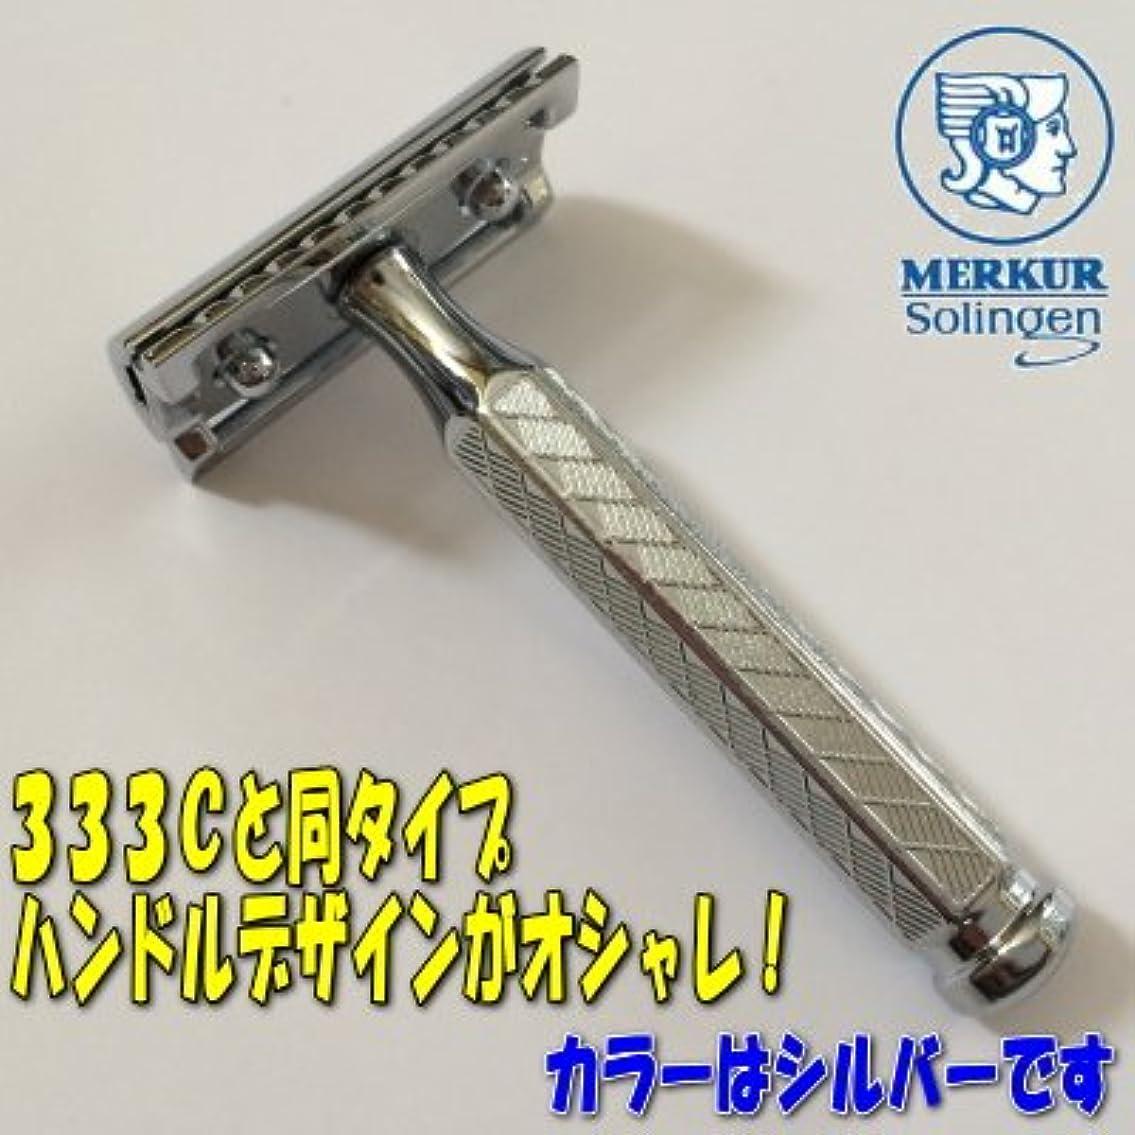 ブラスト進捗リップメルクール髭剃り(ひげそり) 342